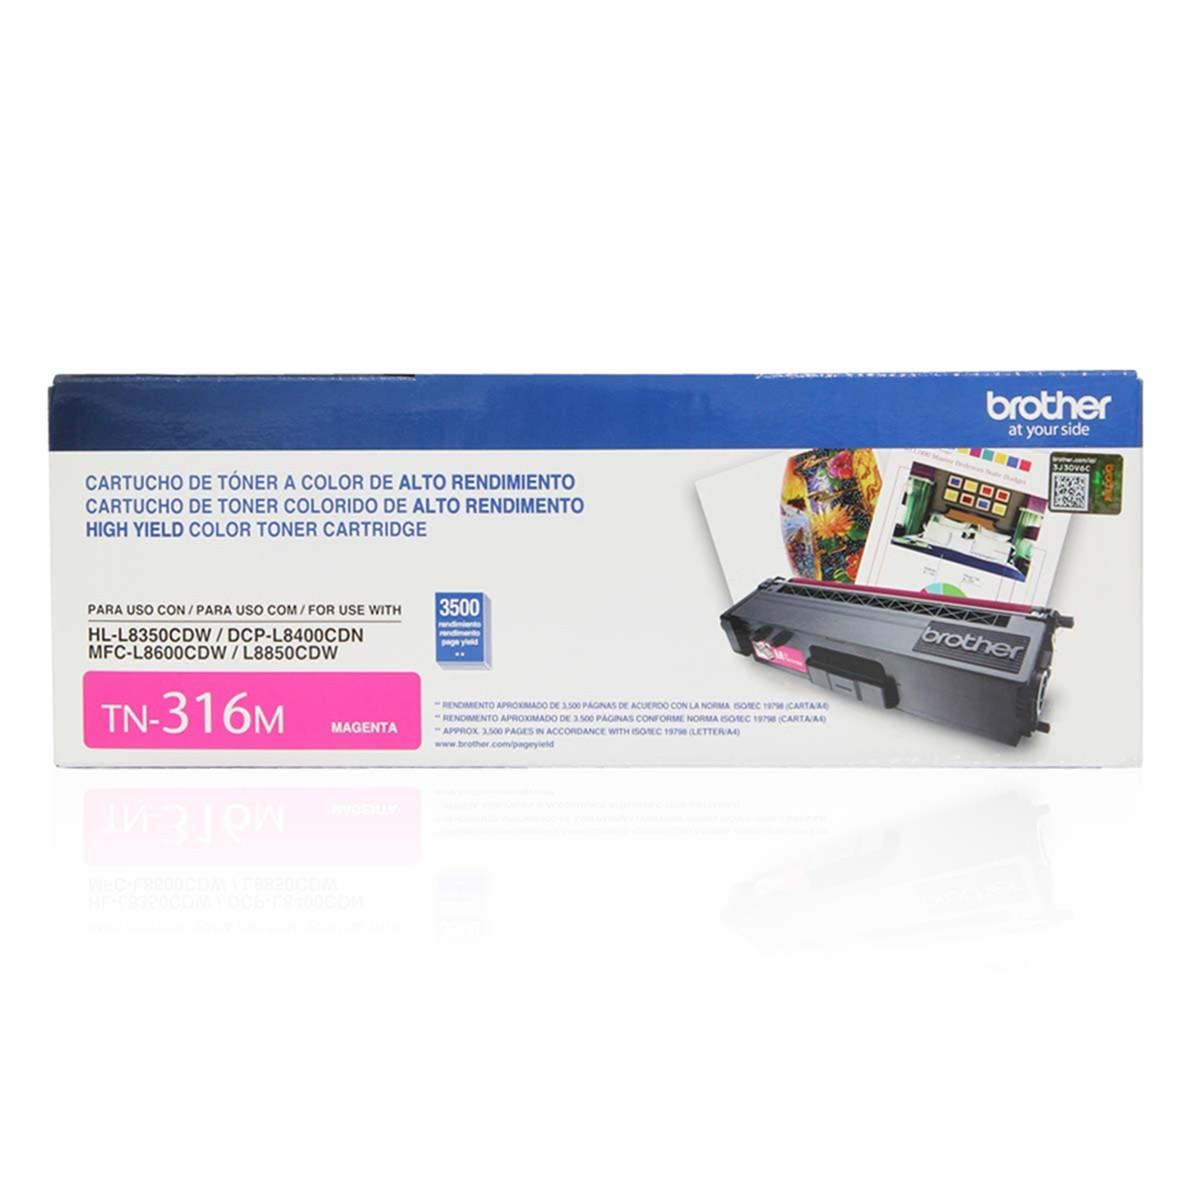 Toner Brother TN-316M TN316 Magenta | HL-L8350CDW MFC-L8600CDW DCP-L8400CDN | Original